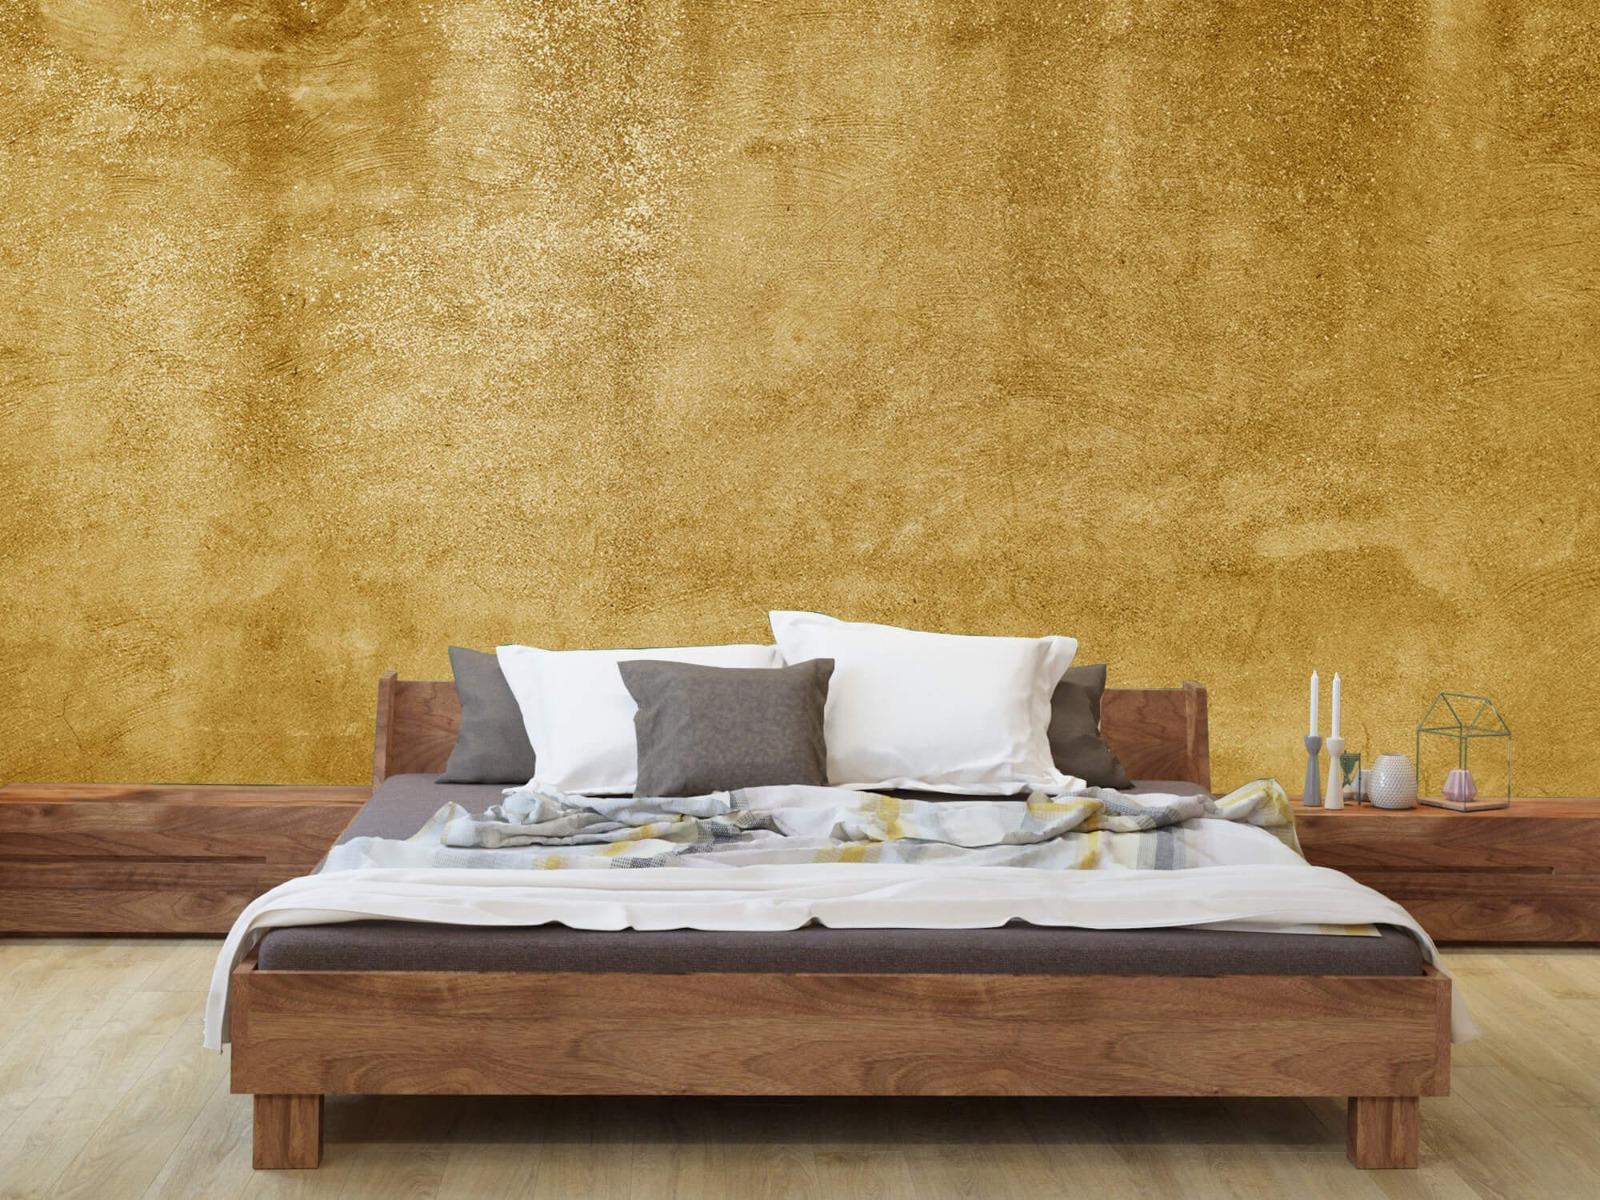 Betonoptik Tapete - Ockerhaltiger gelber Beton auf Fototapete - Wohnzimmer 8